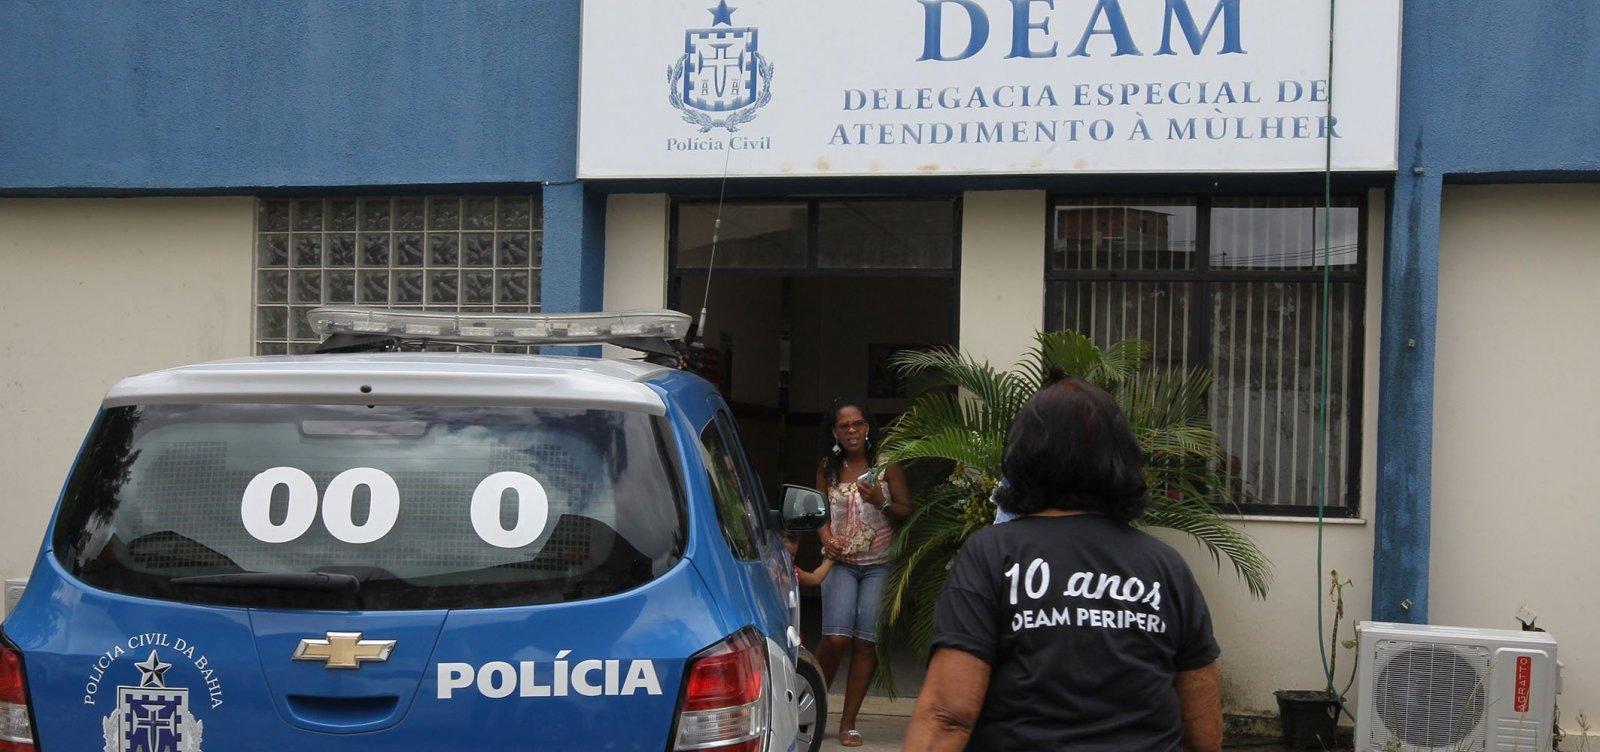 [Após mais de 3 mil denúncias de violência contra mulher, governo estadual prepara campanha]